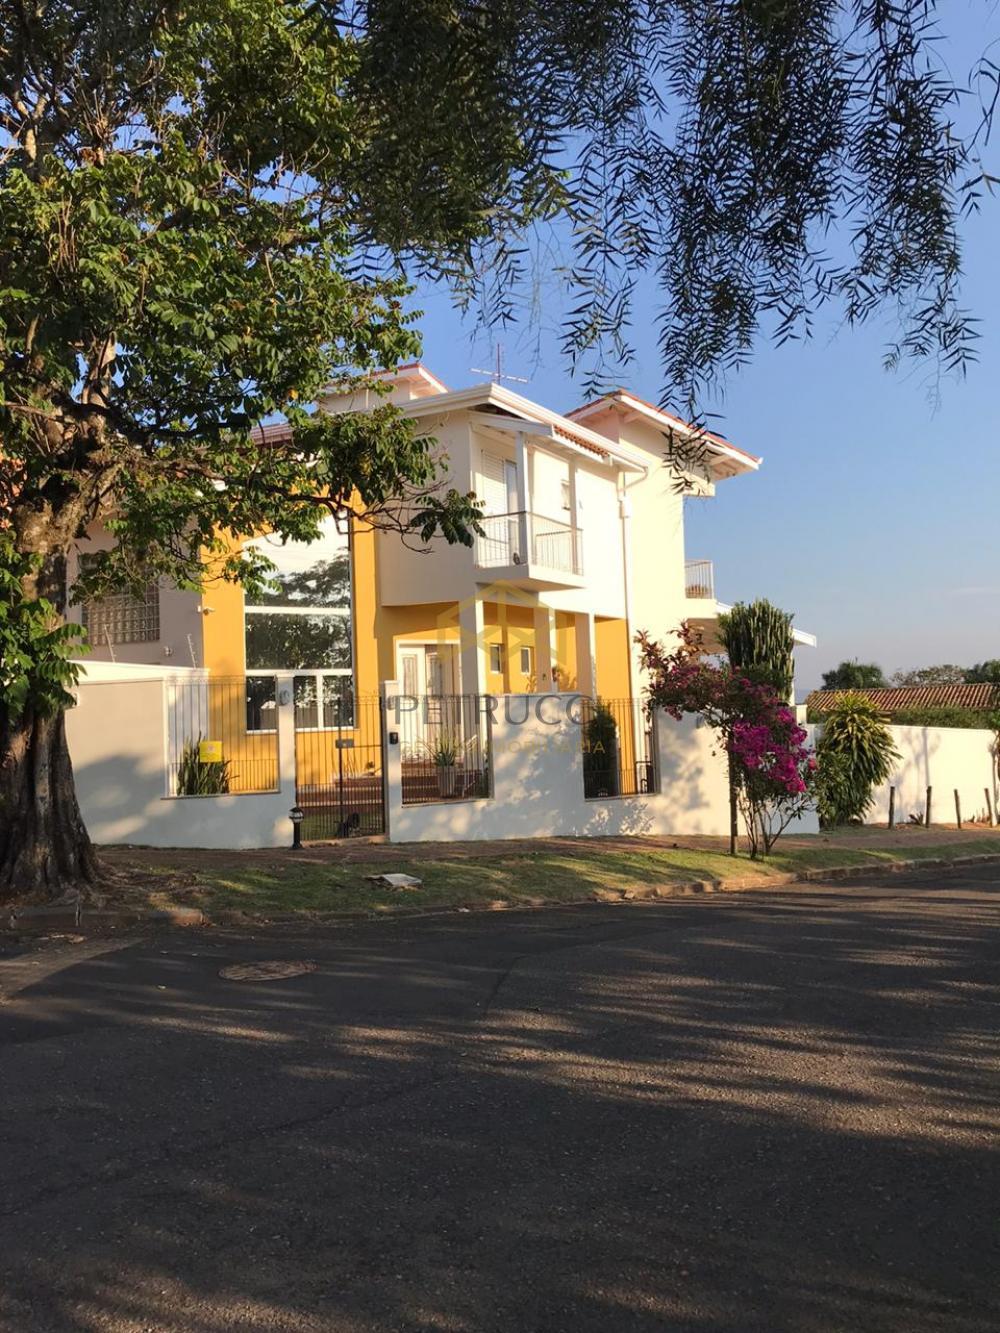 Campinas Casa Venda R$1.130.000,00 Condominio R$360,00 3 Dormitorios 1 Suite Area do terreno 470.00m2 Area construida 220.00m2